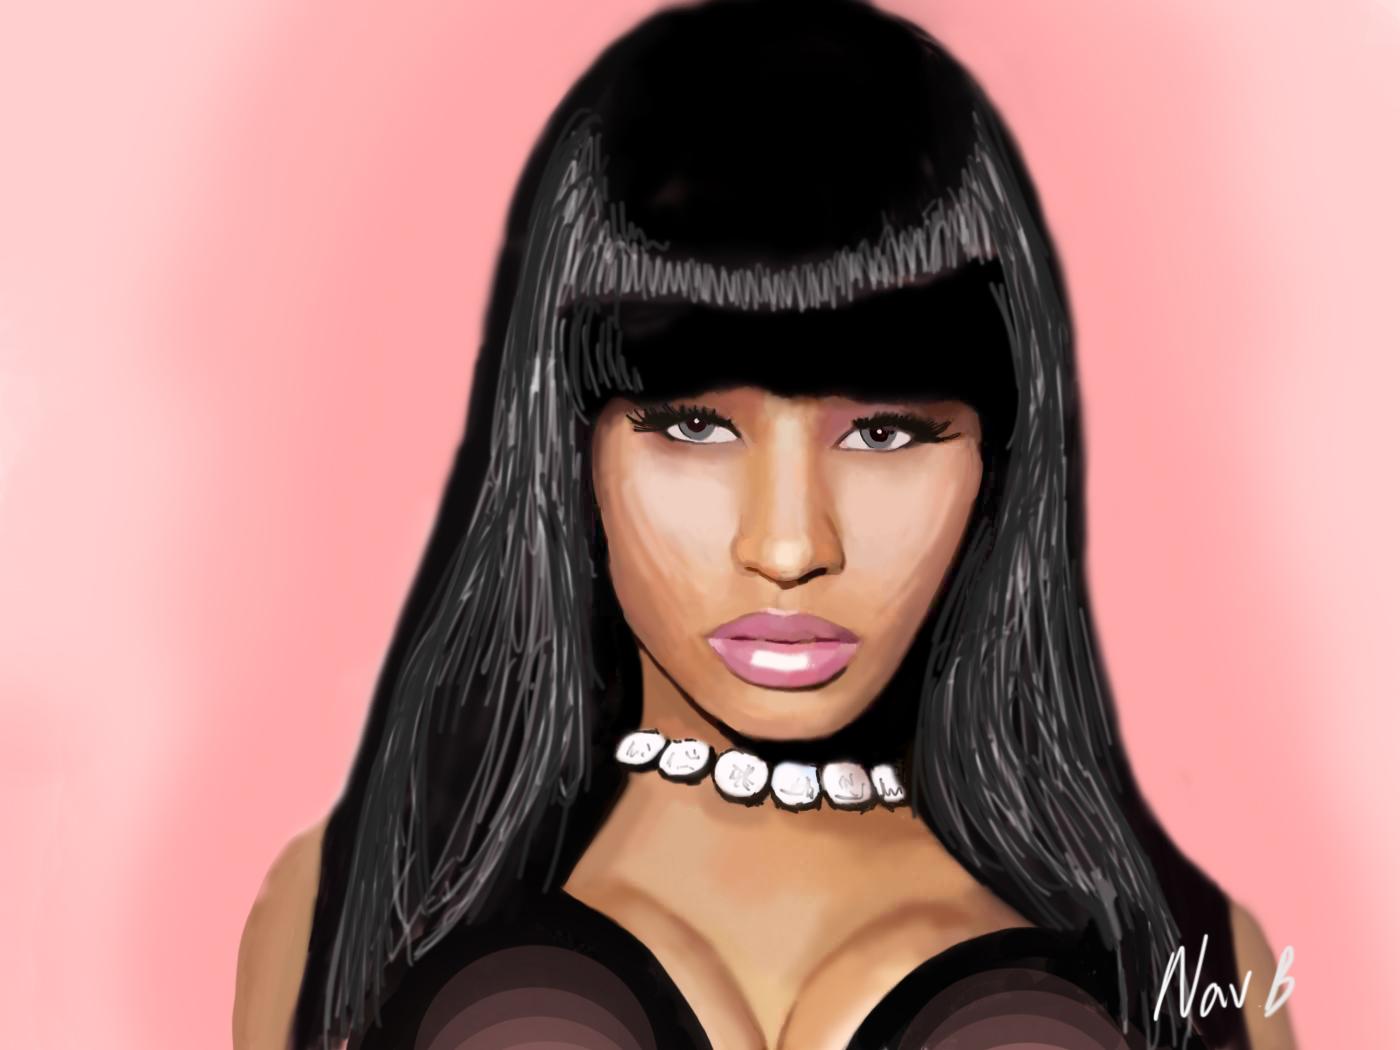 http://3.bp.blogspot.com/-zyzfhidrhto/UMduxbuaivI/AAAAAAAAABg/_1bBaPoqVmU/s1600/Nicki-Minaj%2Bsketch.jpg